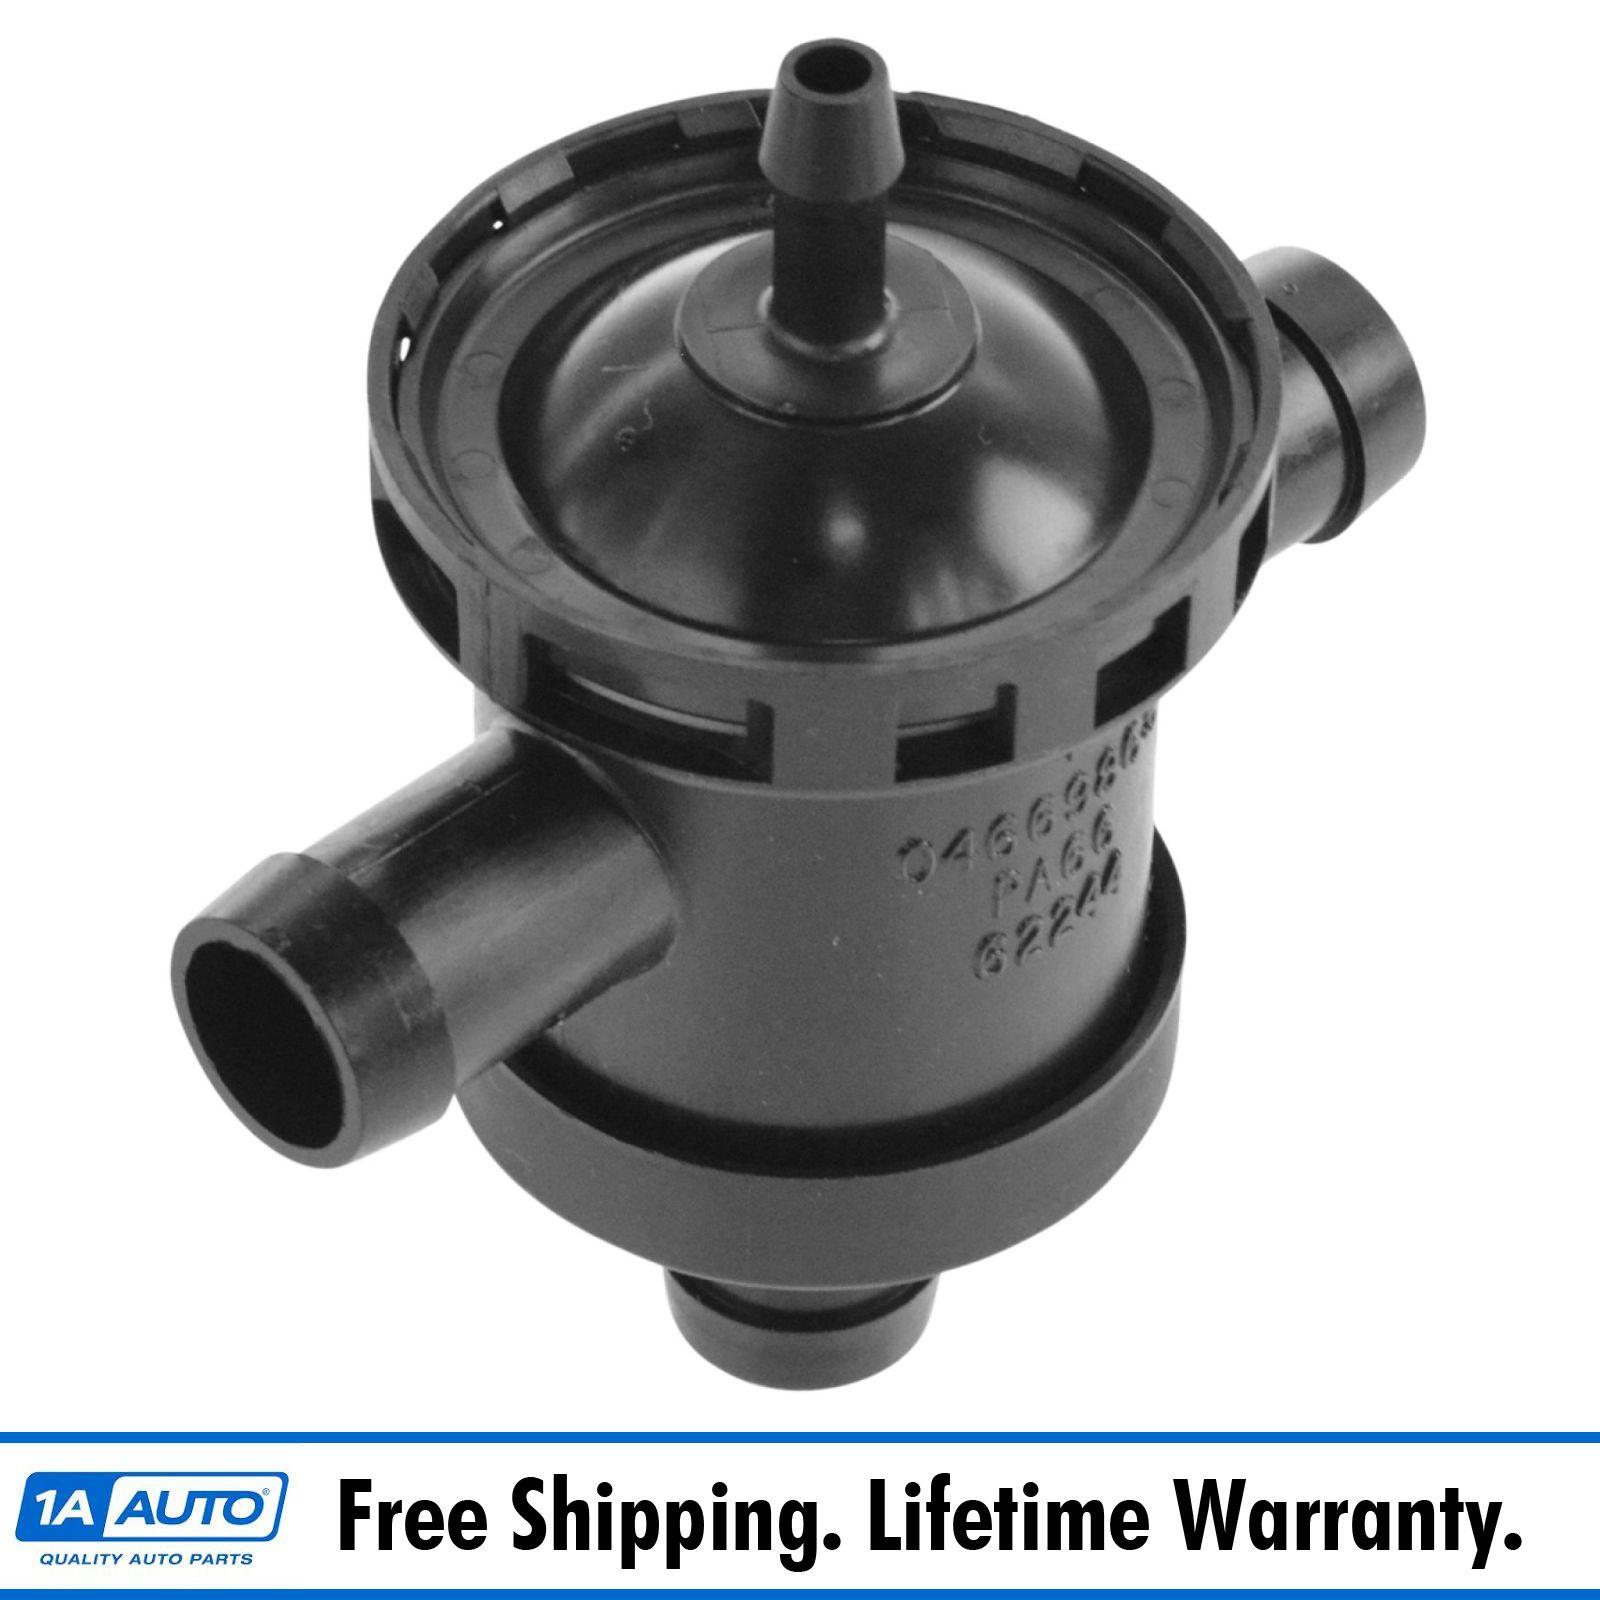 hight resolution of oem leak detection pump vent valve vapor canister for chrysler dodge jeep dodge